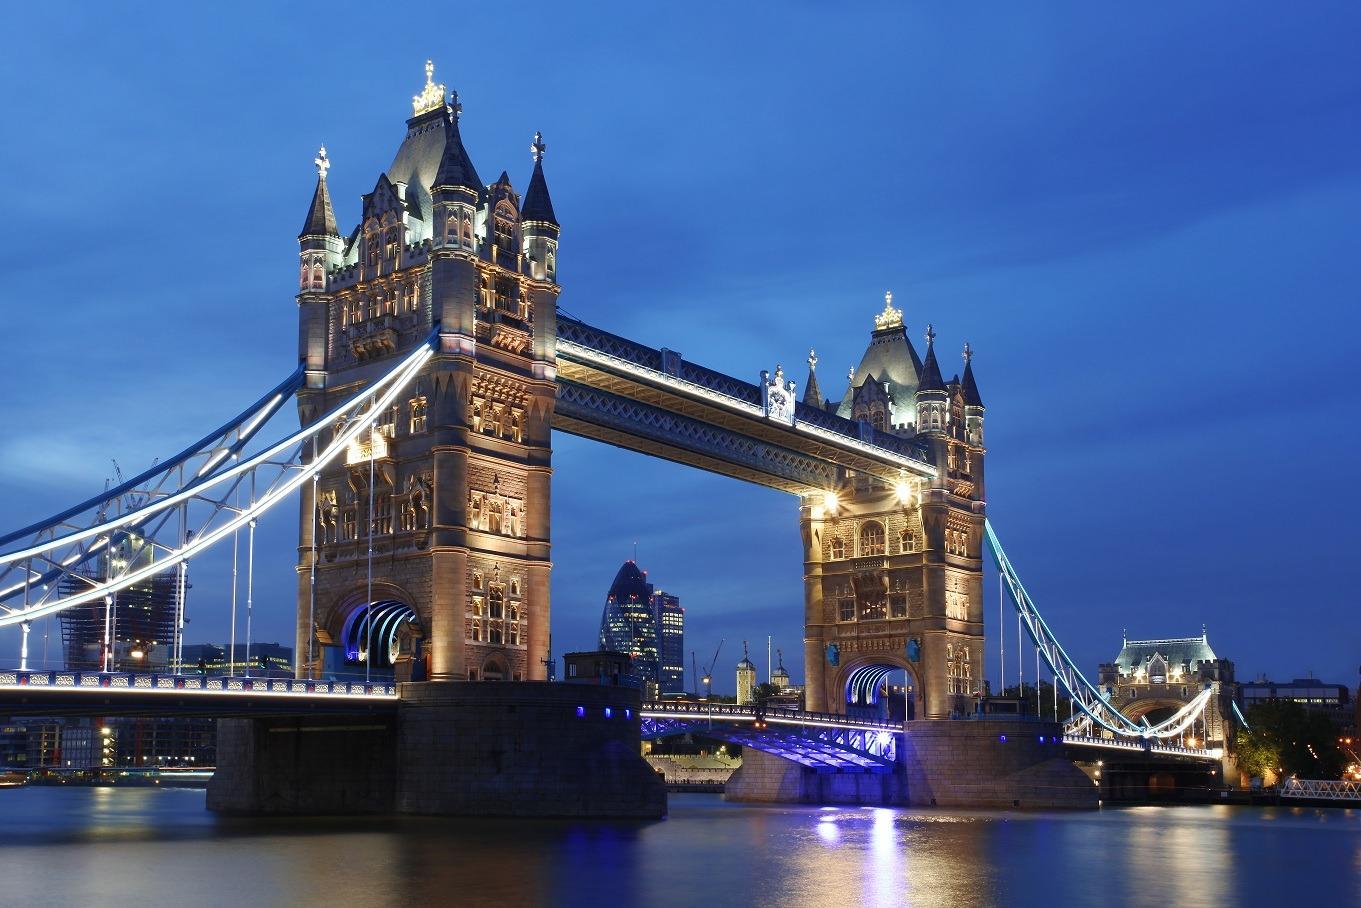 voyage découverte pour la capitale anglaise Londres